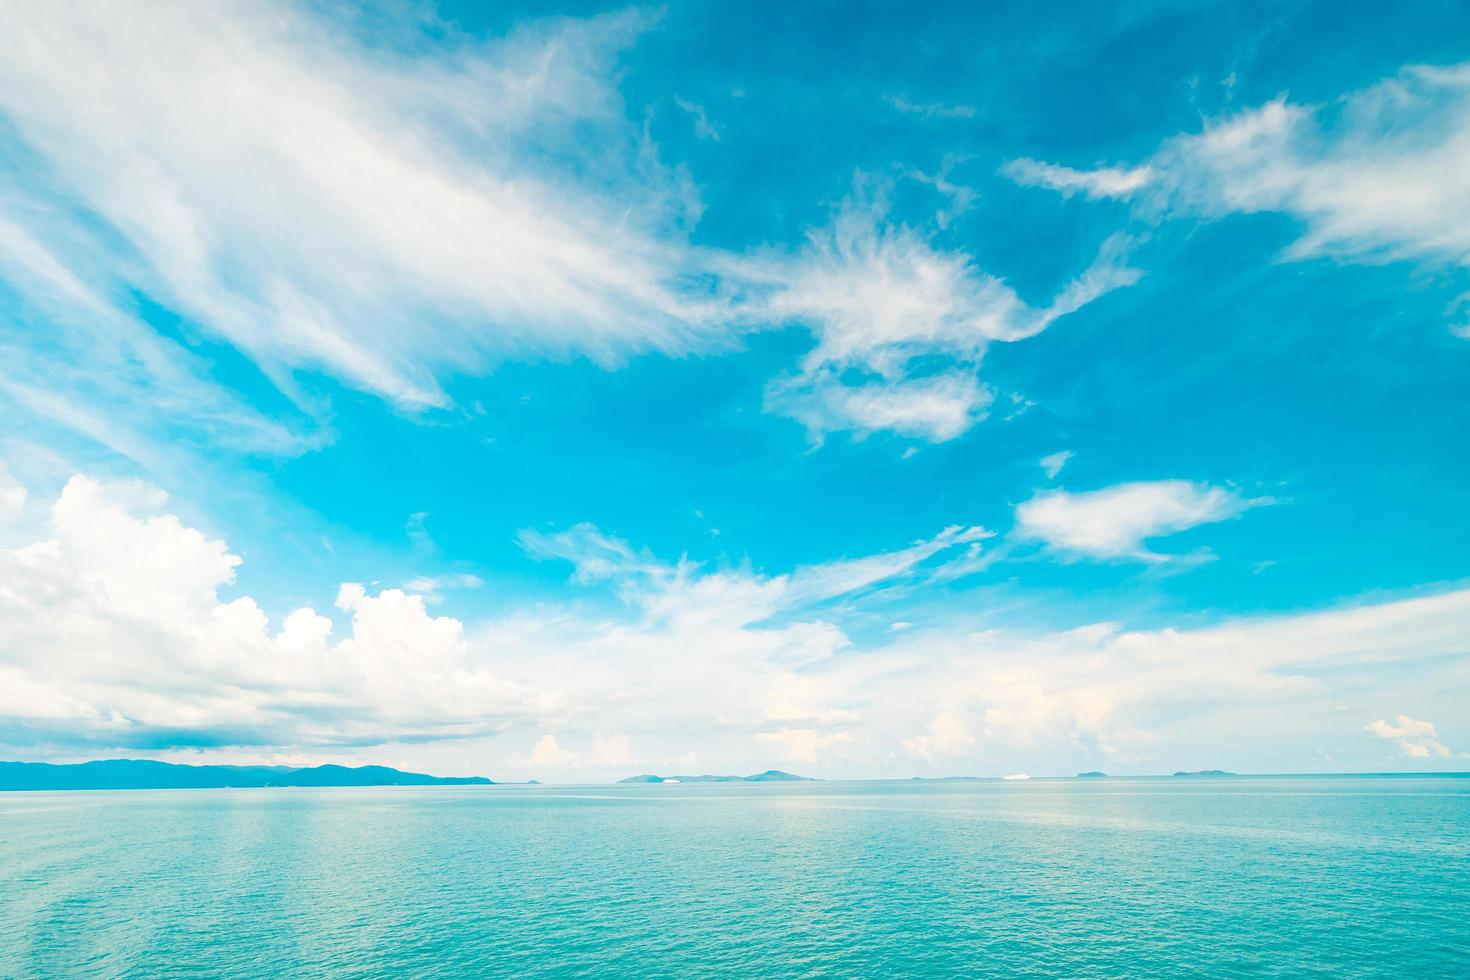 hermosa nube blanca en el cielo azul sobre el mar foto